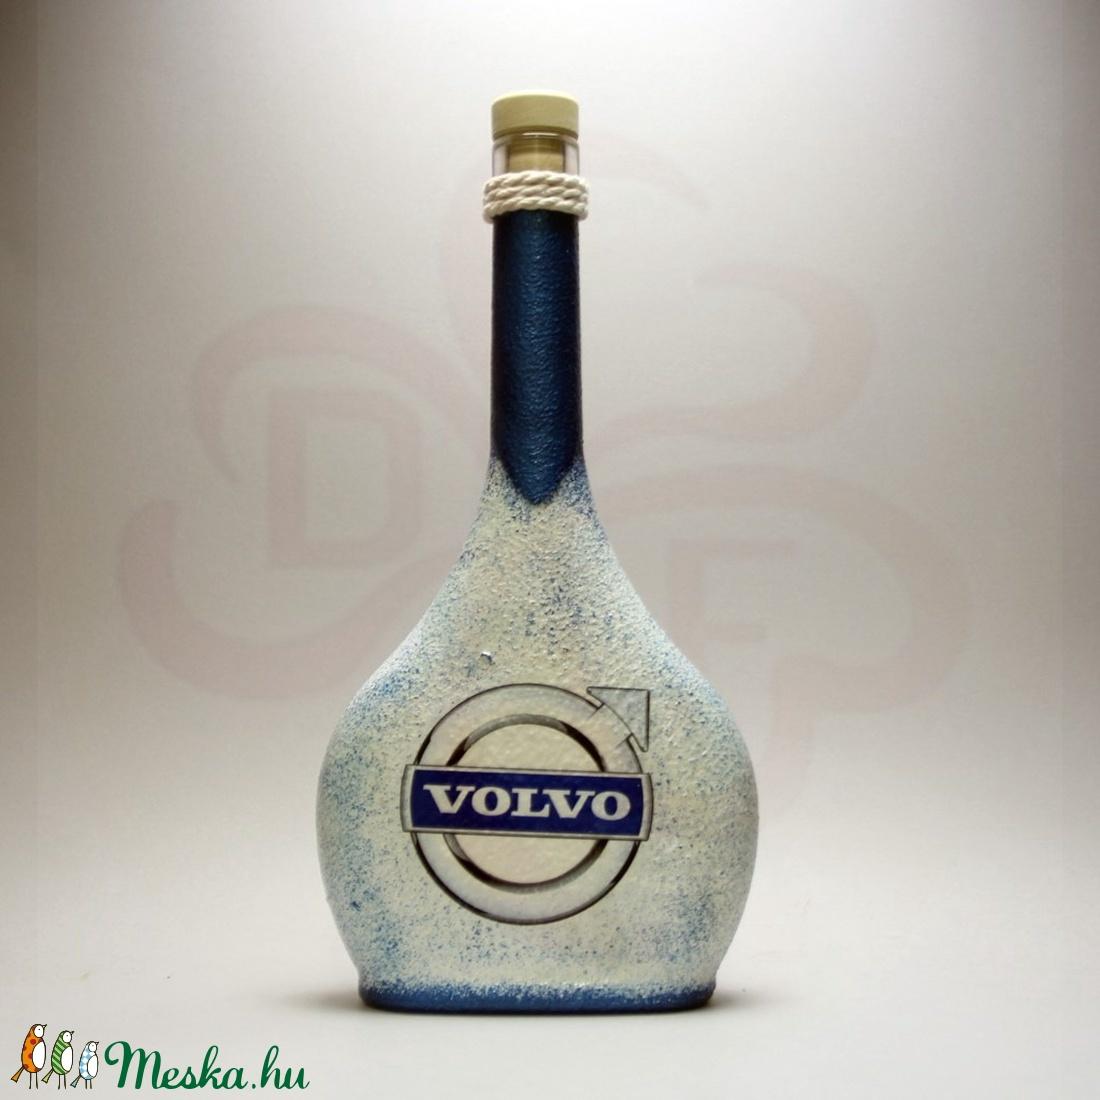 VOLVO italos üveg ; Volvo autód fényképével is! - Meska.hu